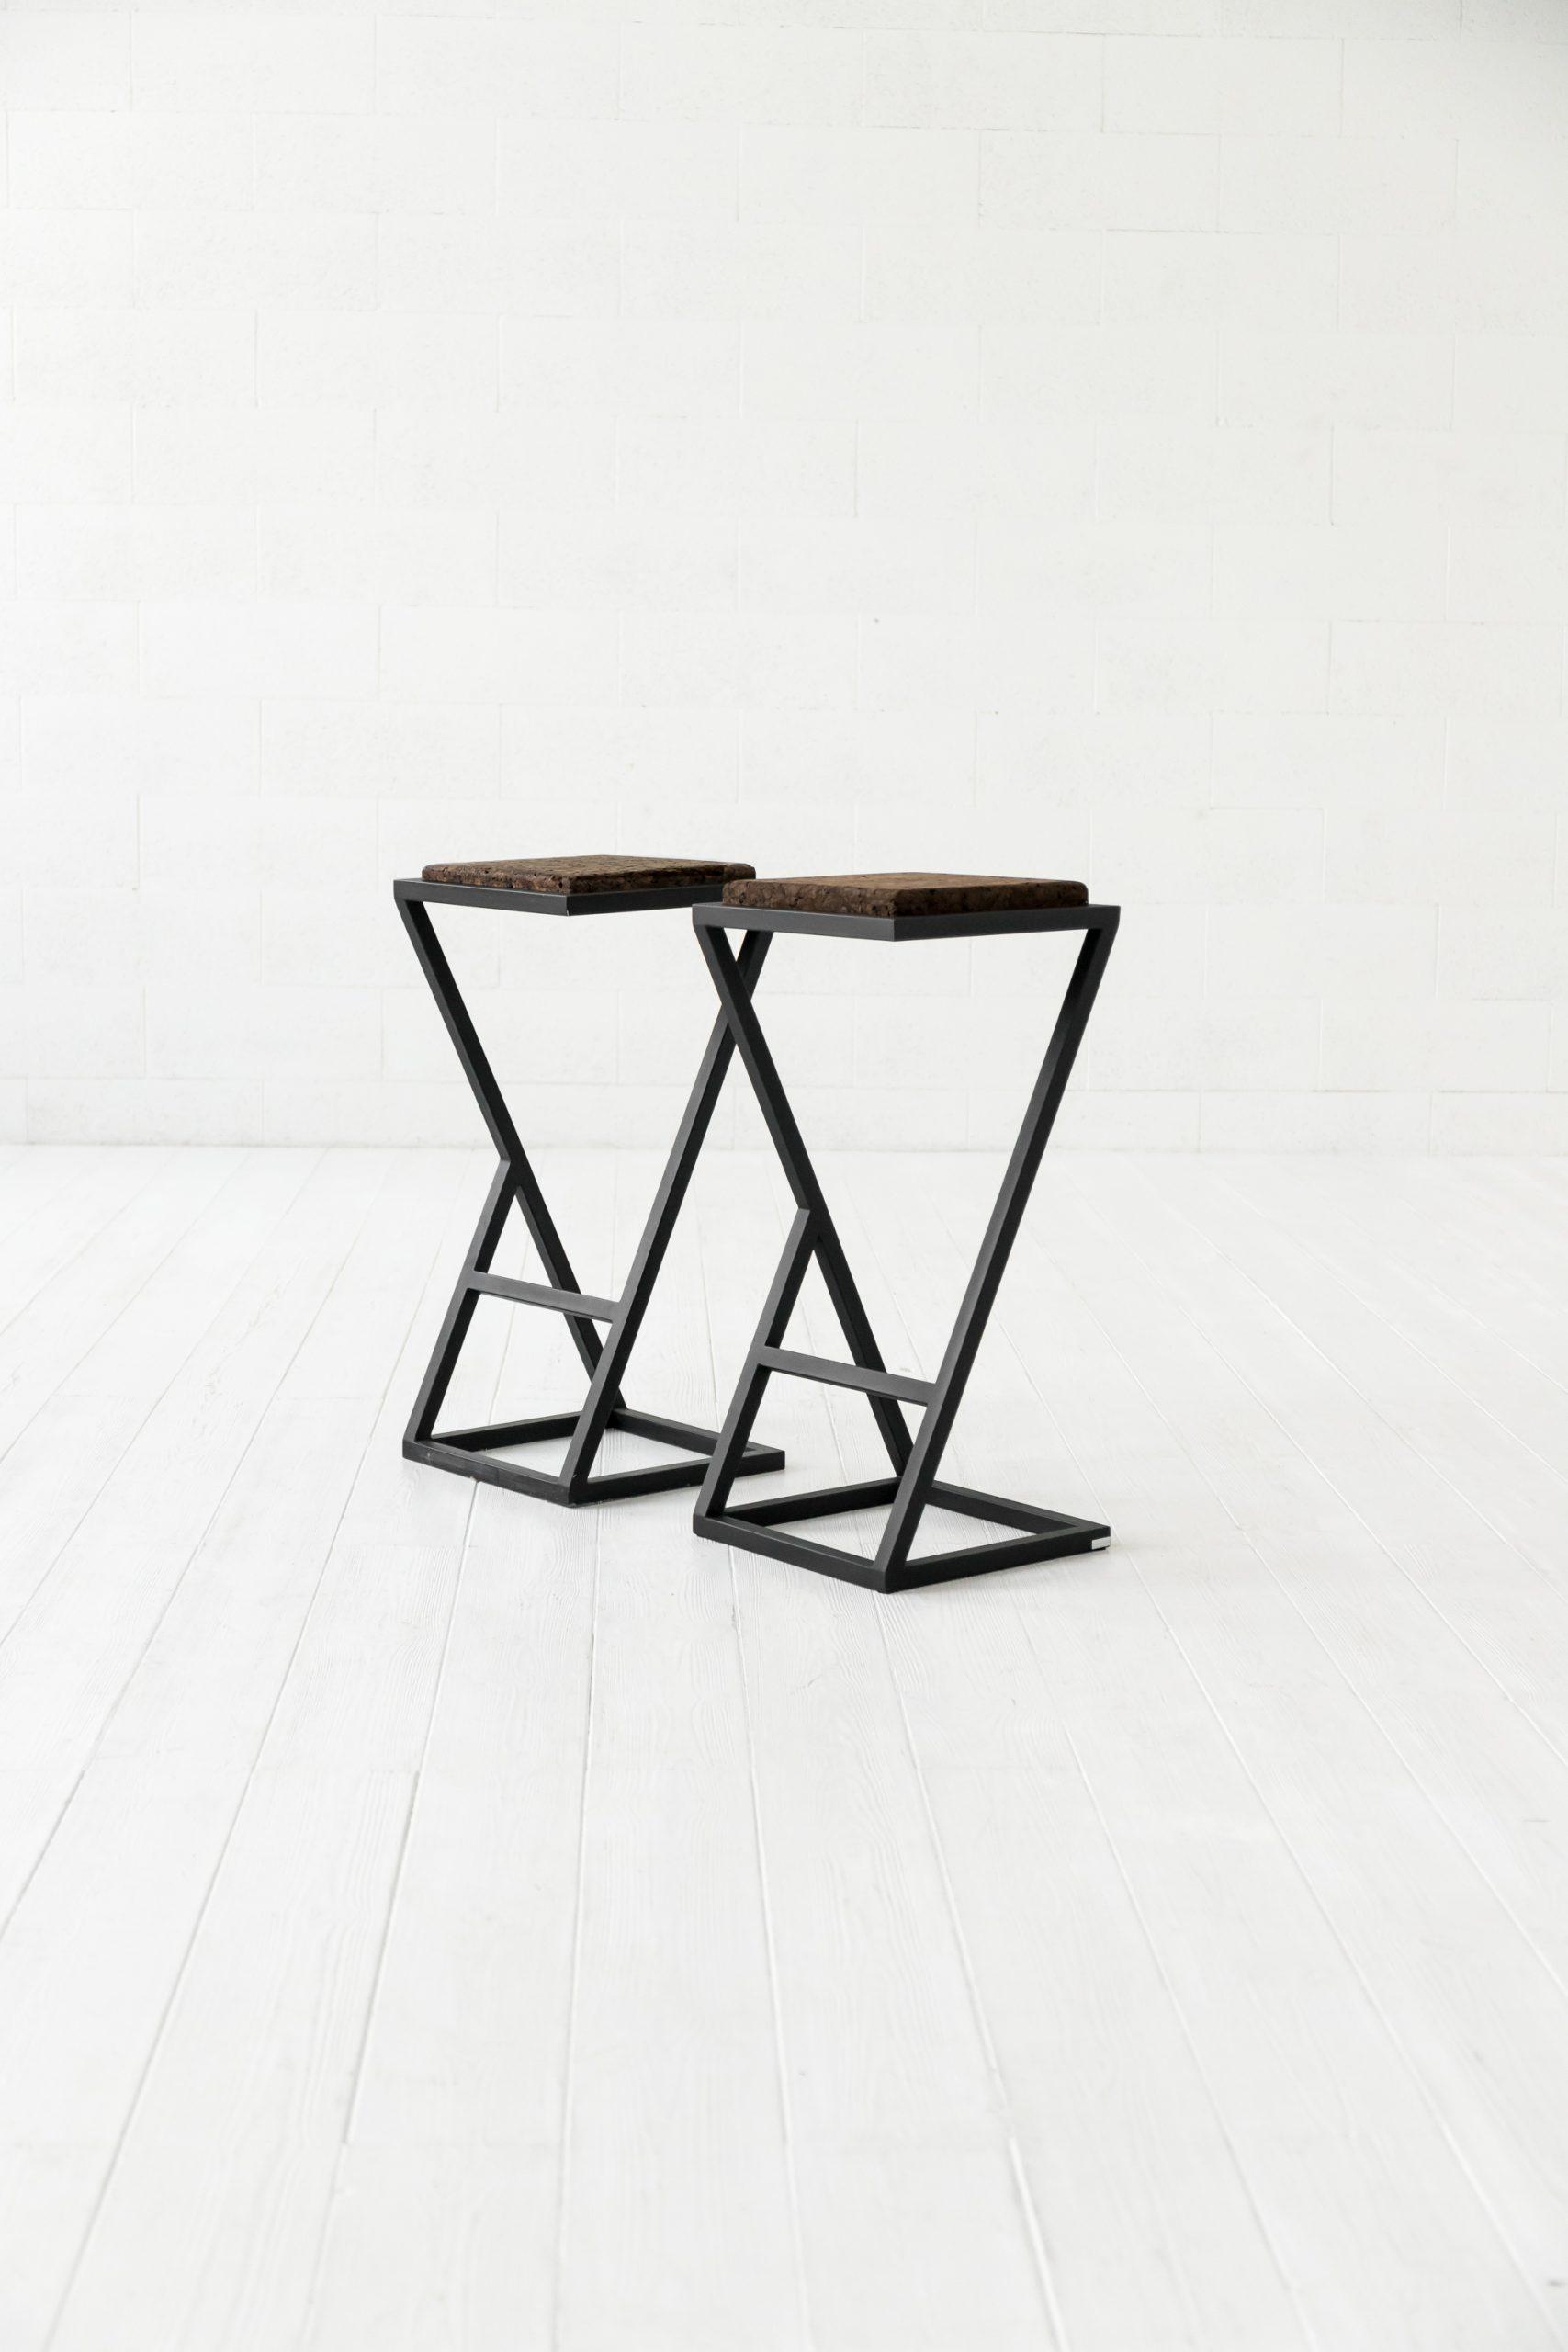 X bar chair